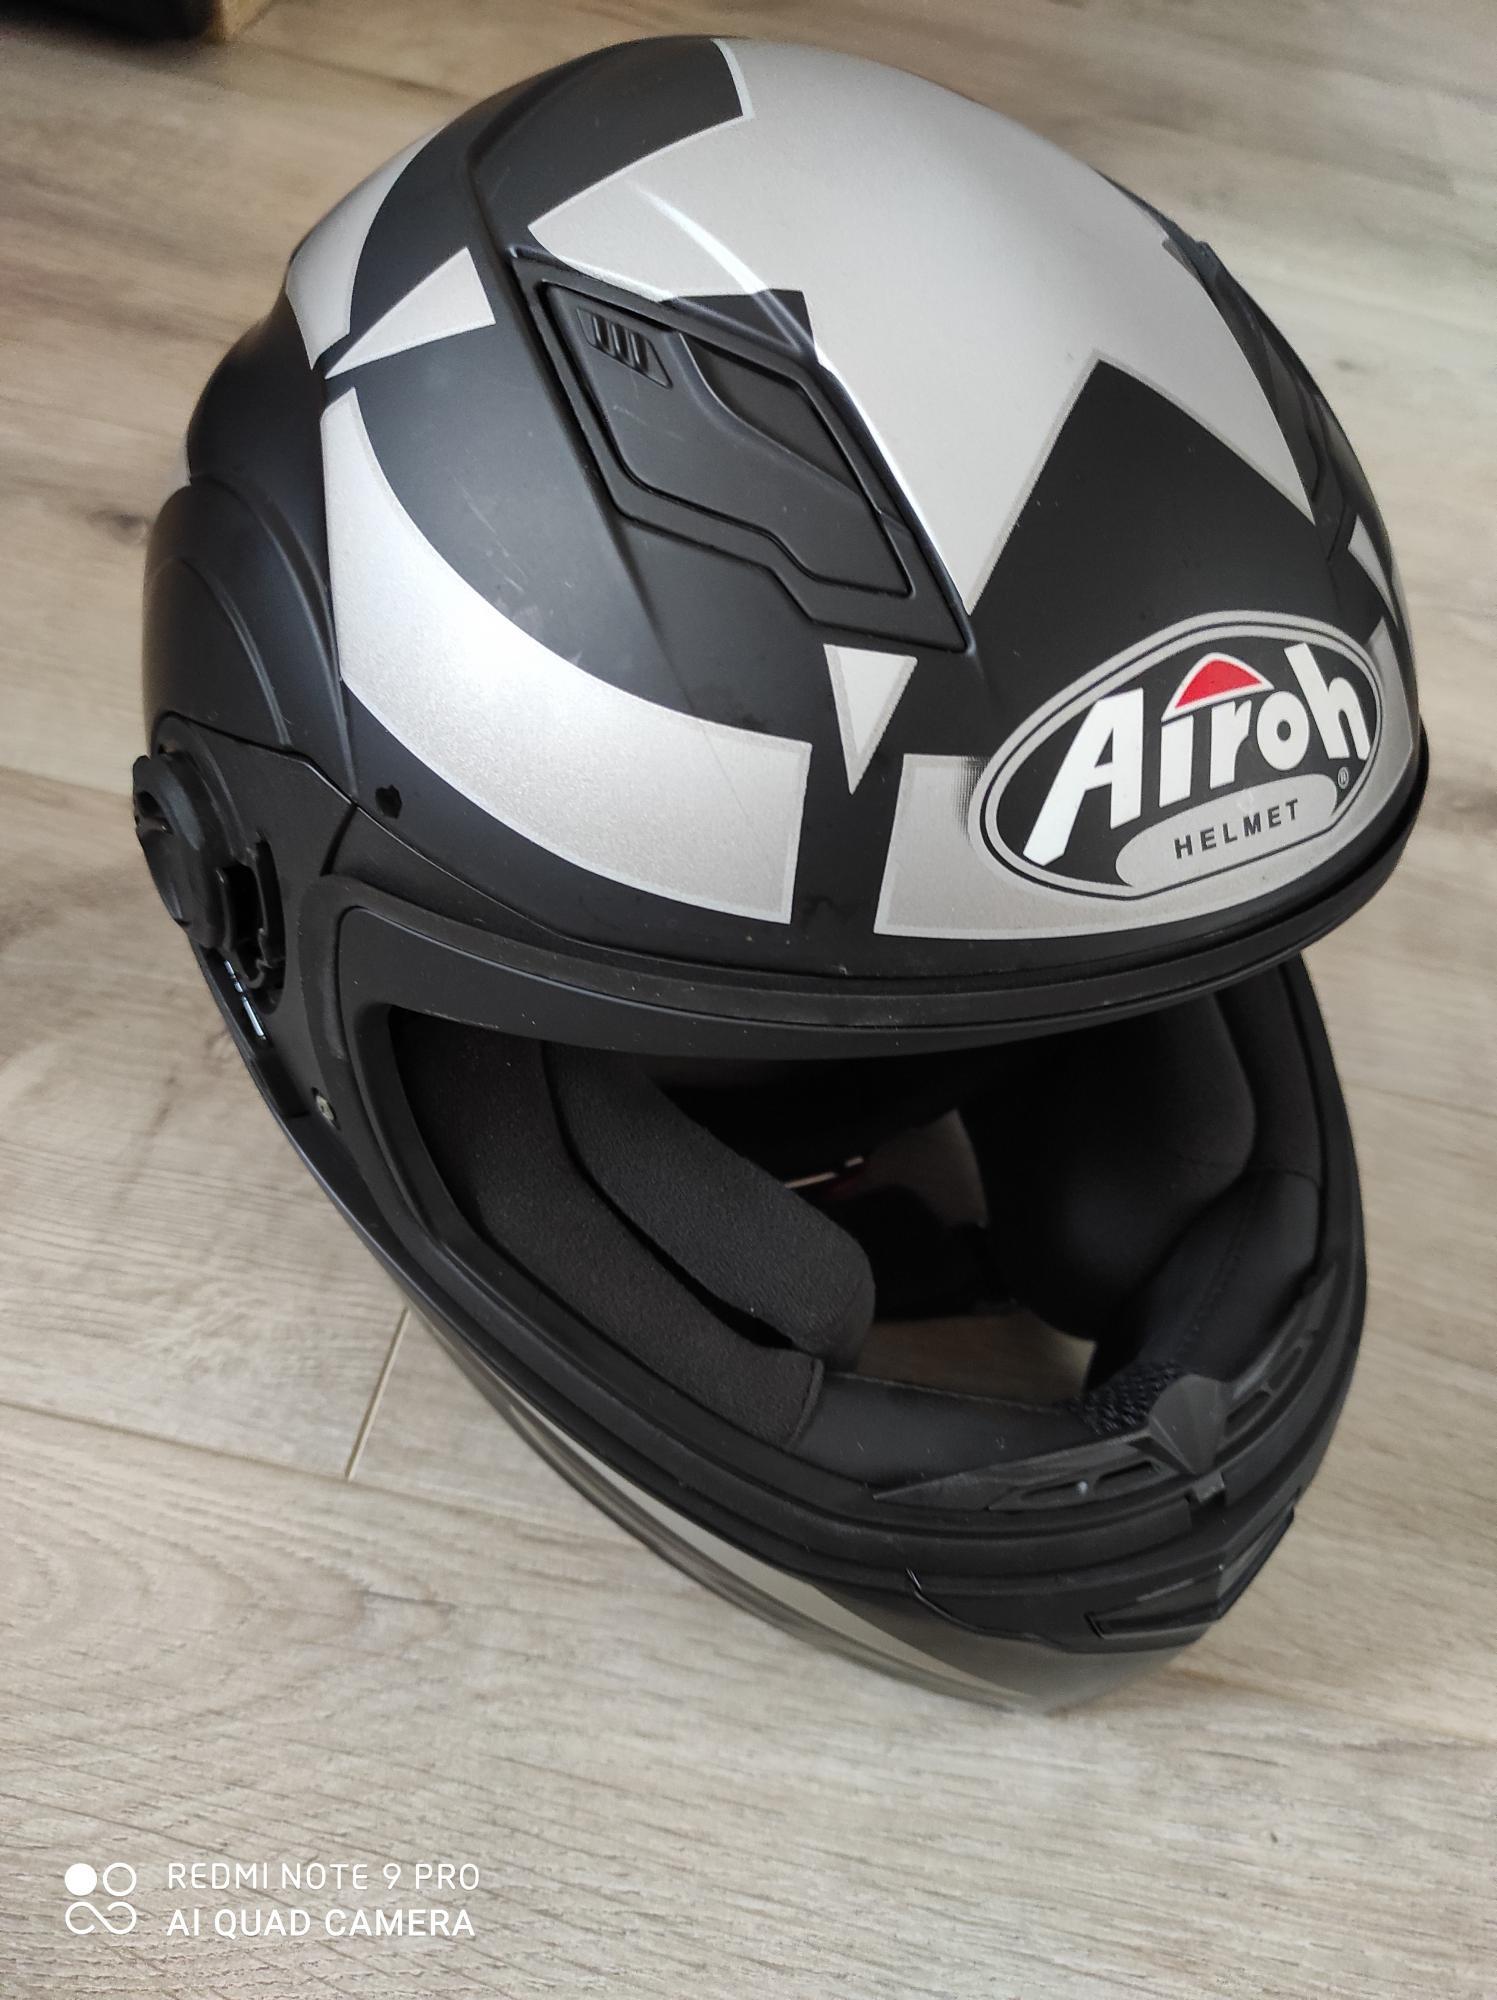 Airoh Movement Shot в Хабаровске 89990806637 купить 8